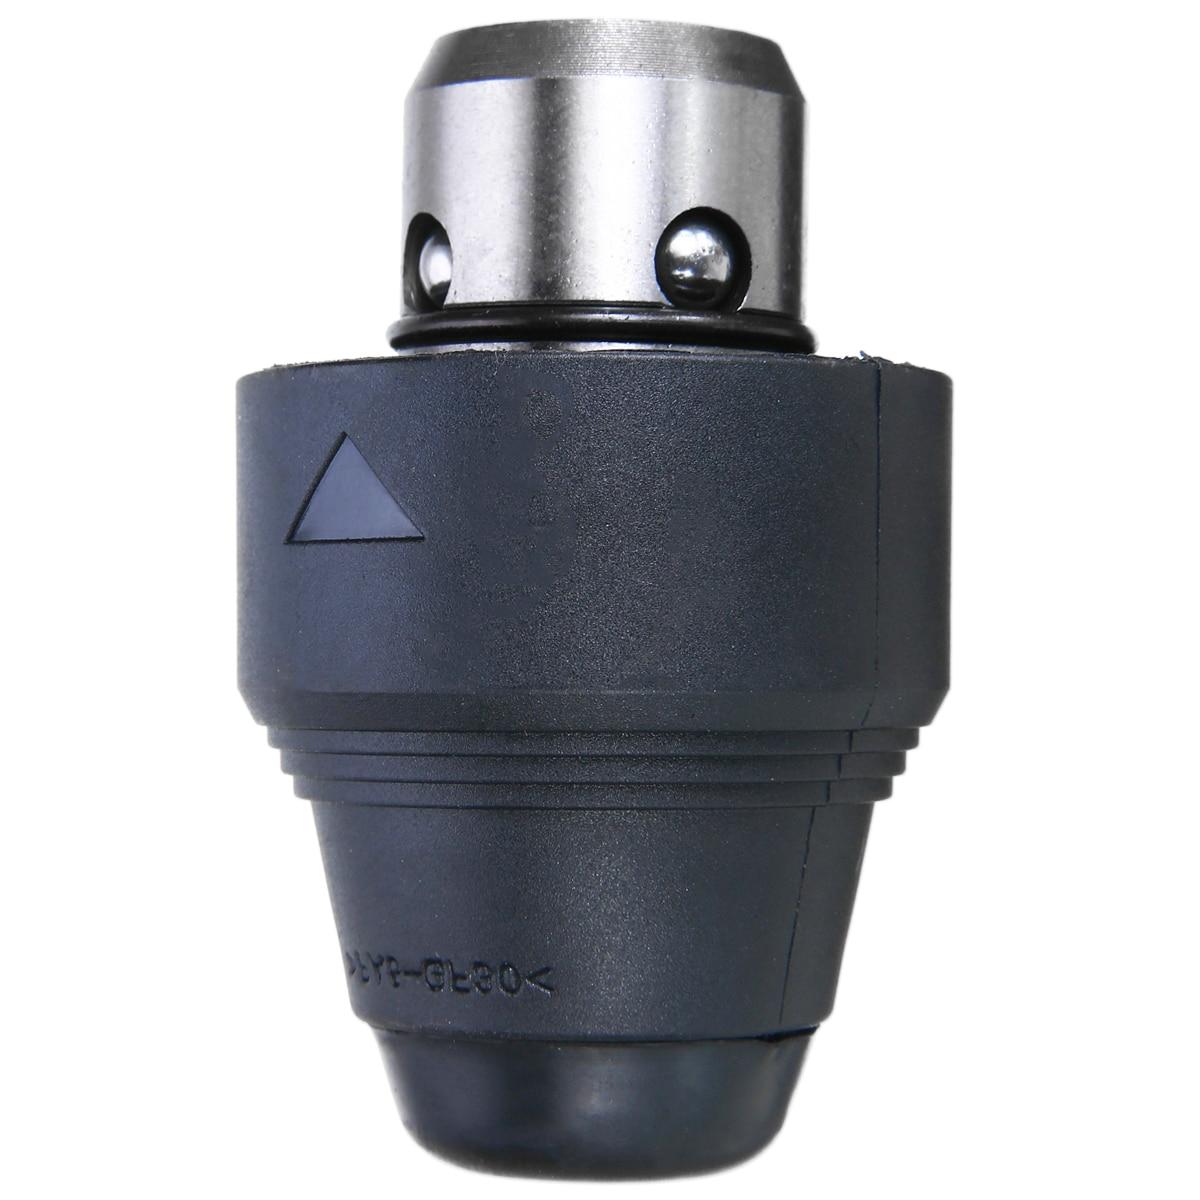 1pc sds mais peças elétricas da dureza alta do mandril da broca do martelo para bosch GBH2-26DFR/28dfv/4-32dfr ferramentas giratórias